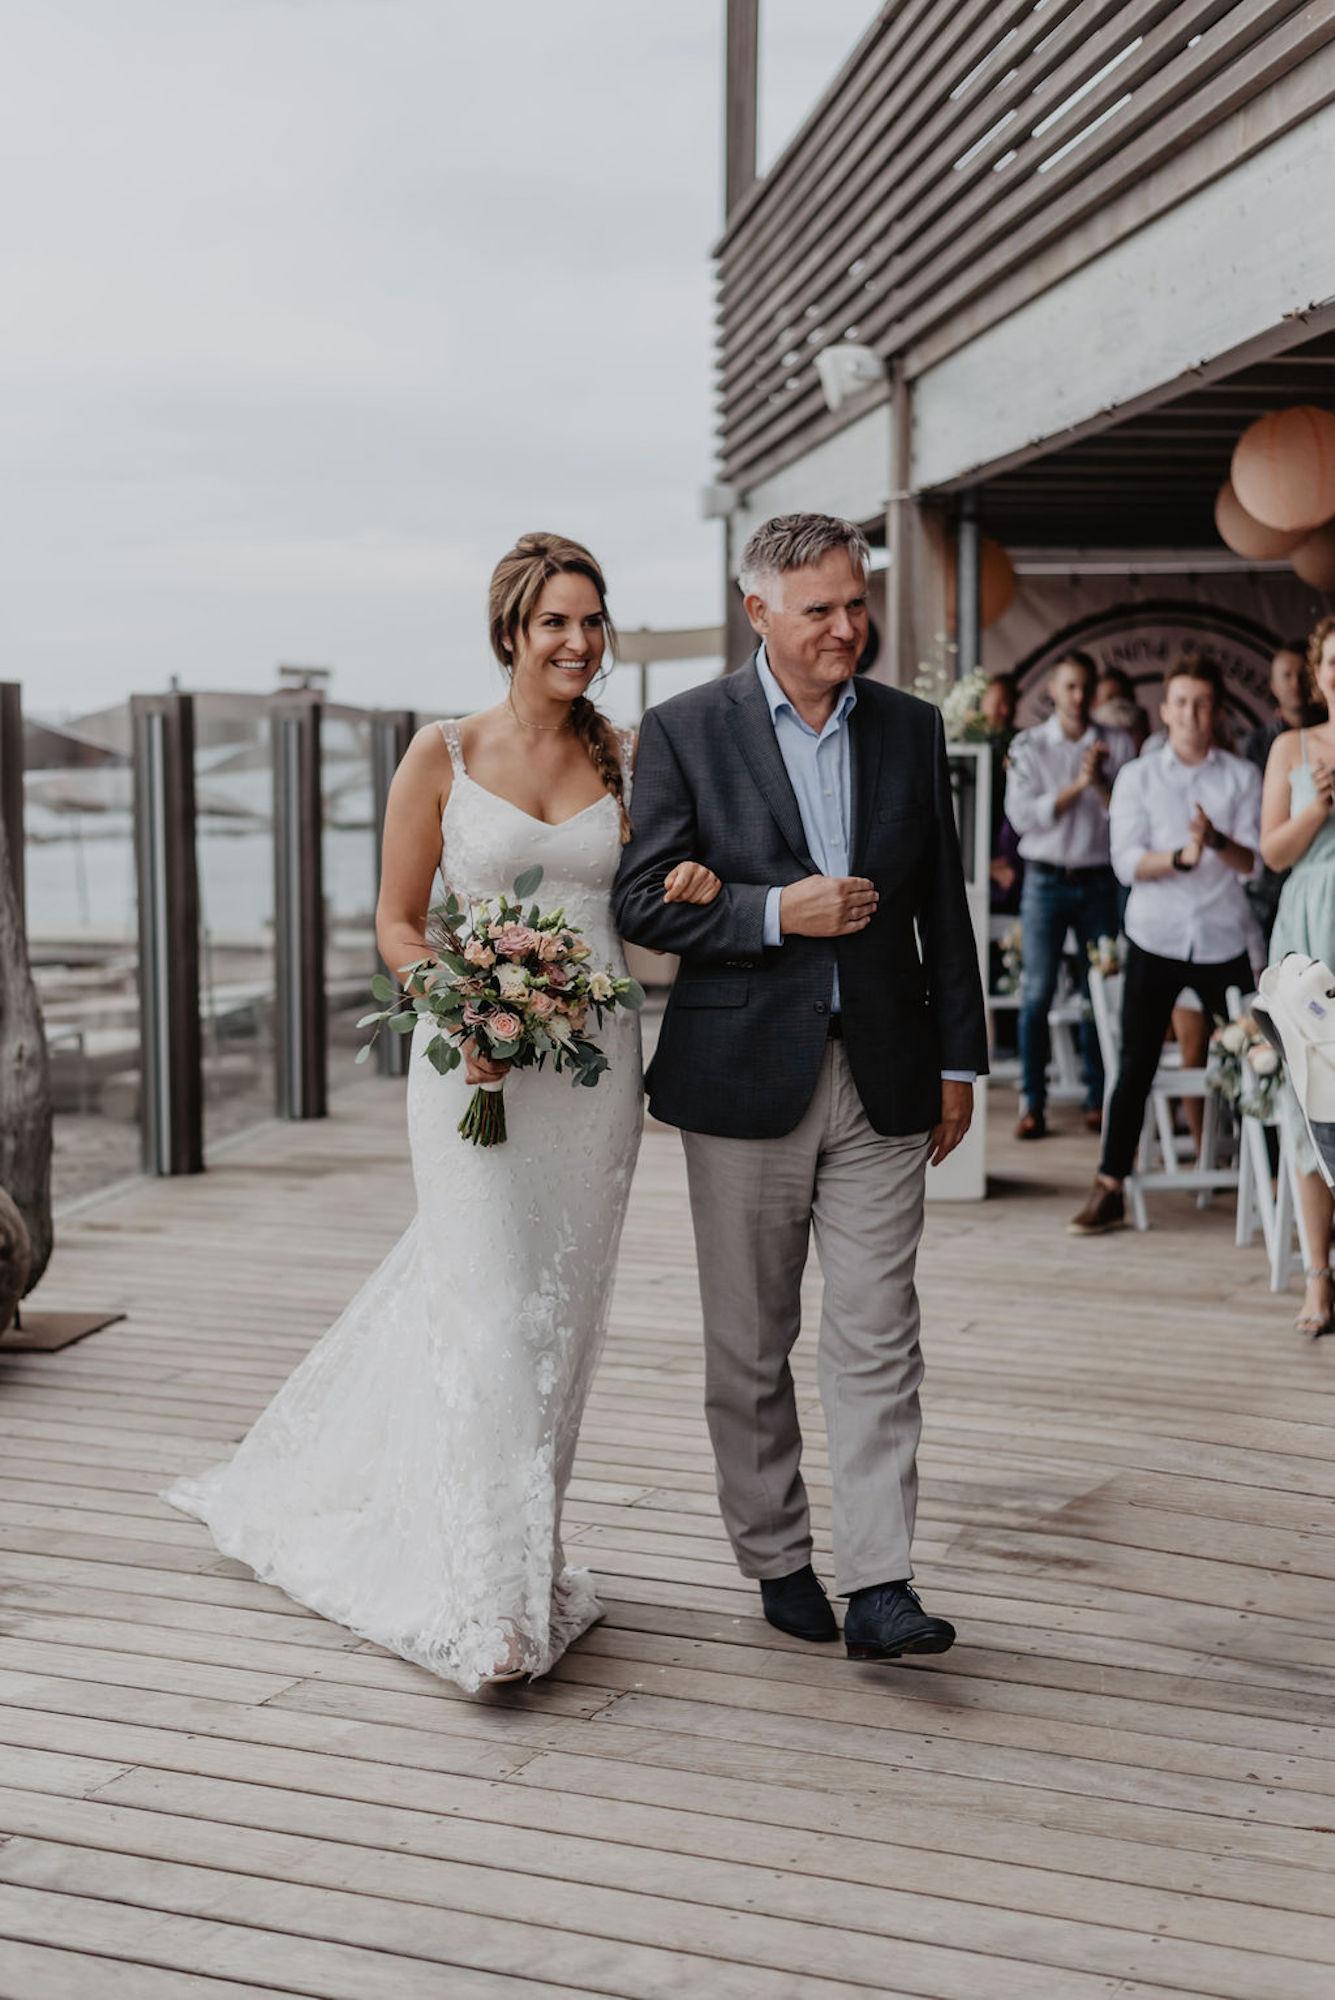 Hanneke Peters Couture - handgemaakte trouwjurk unieke trouwjurk laten maken